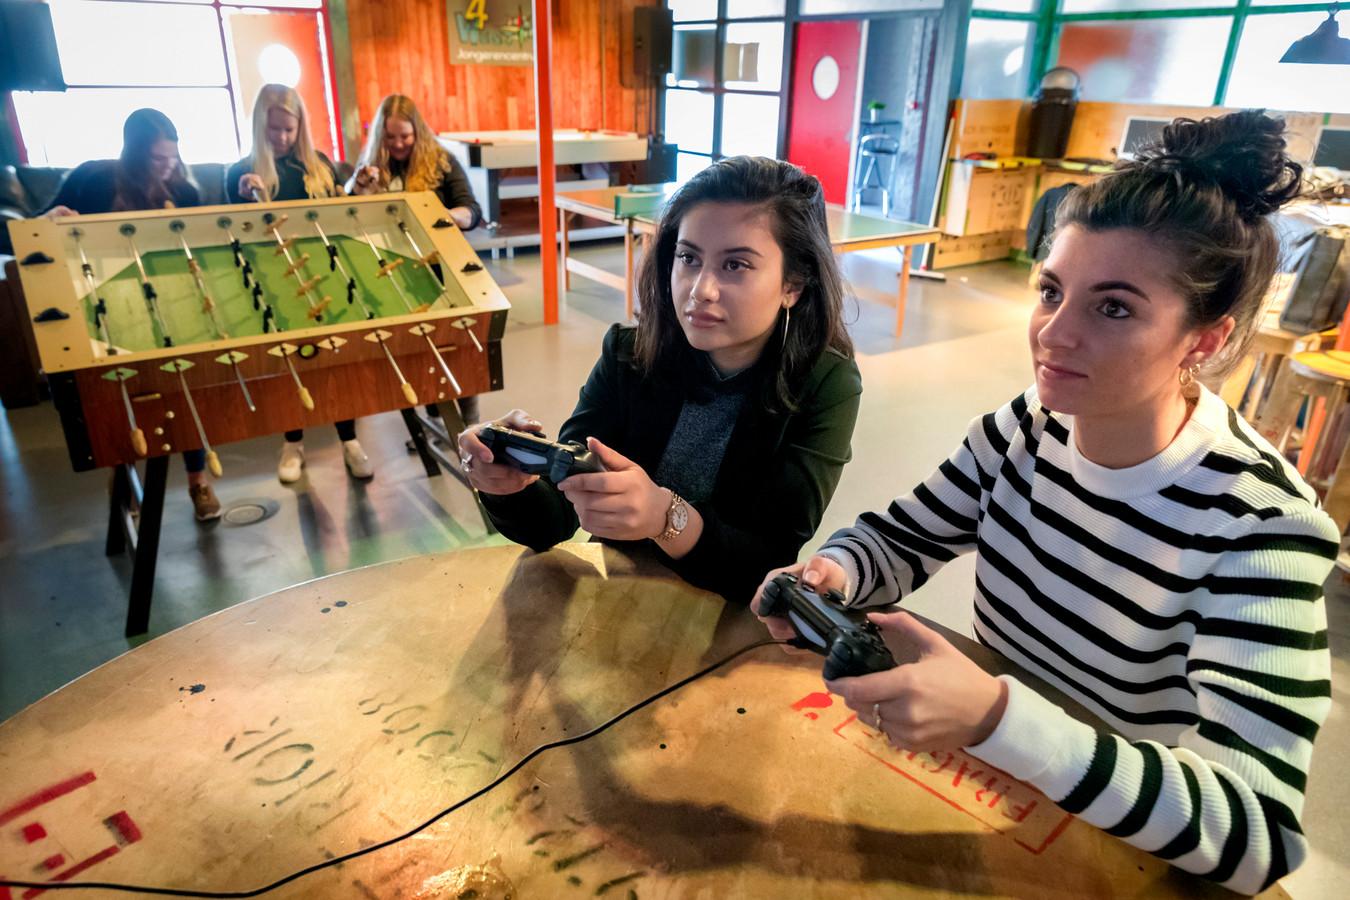 Jongerencentrum 4West aan de Eendenkooi. Bij dit gebouw waar PowerUp073 allerlei activiteiten begeleidt wordt een ijsbaan aangelegd.